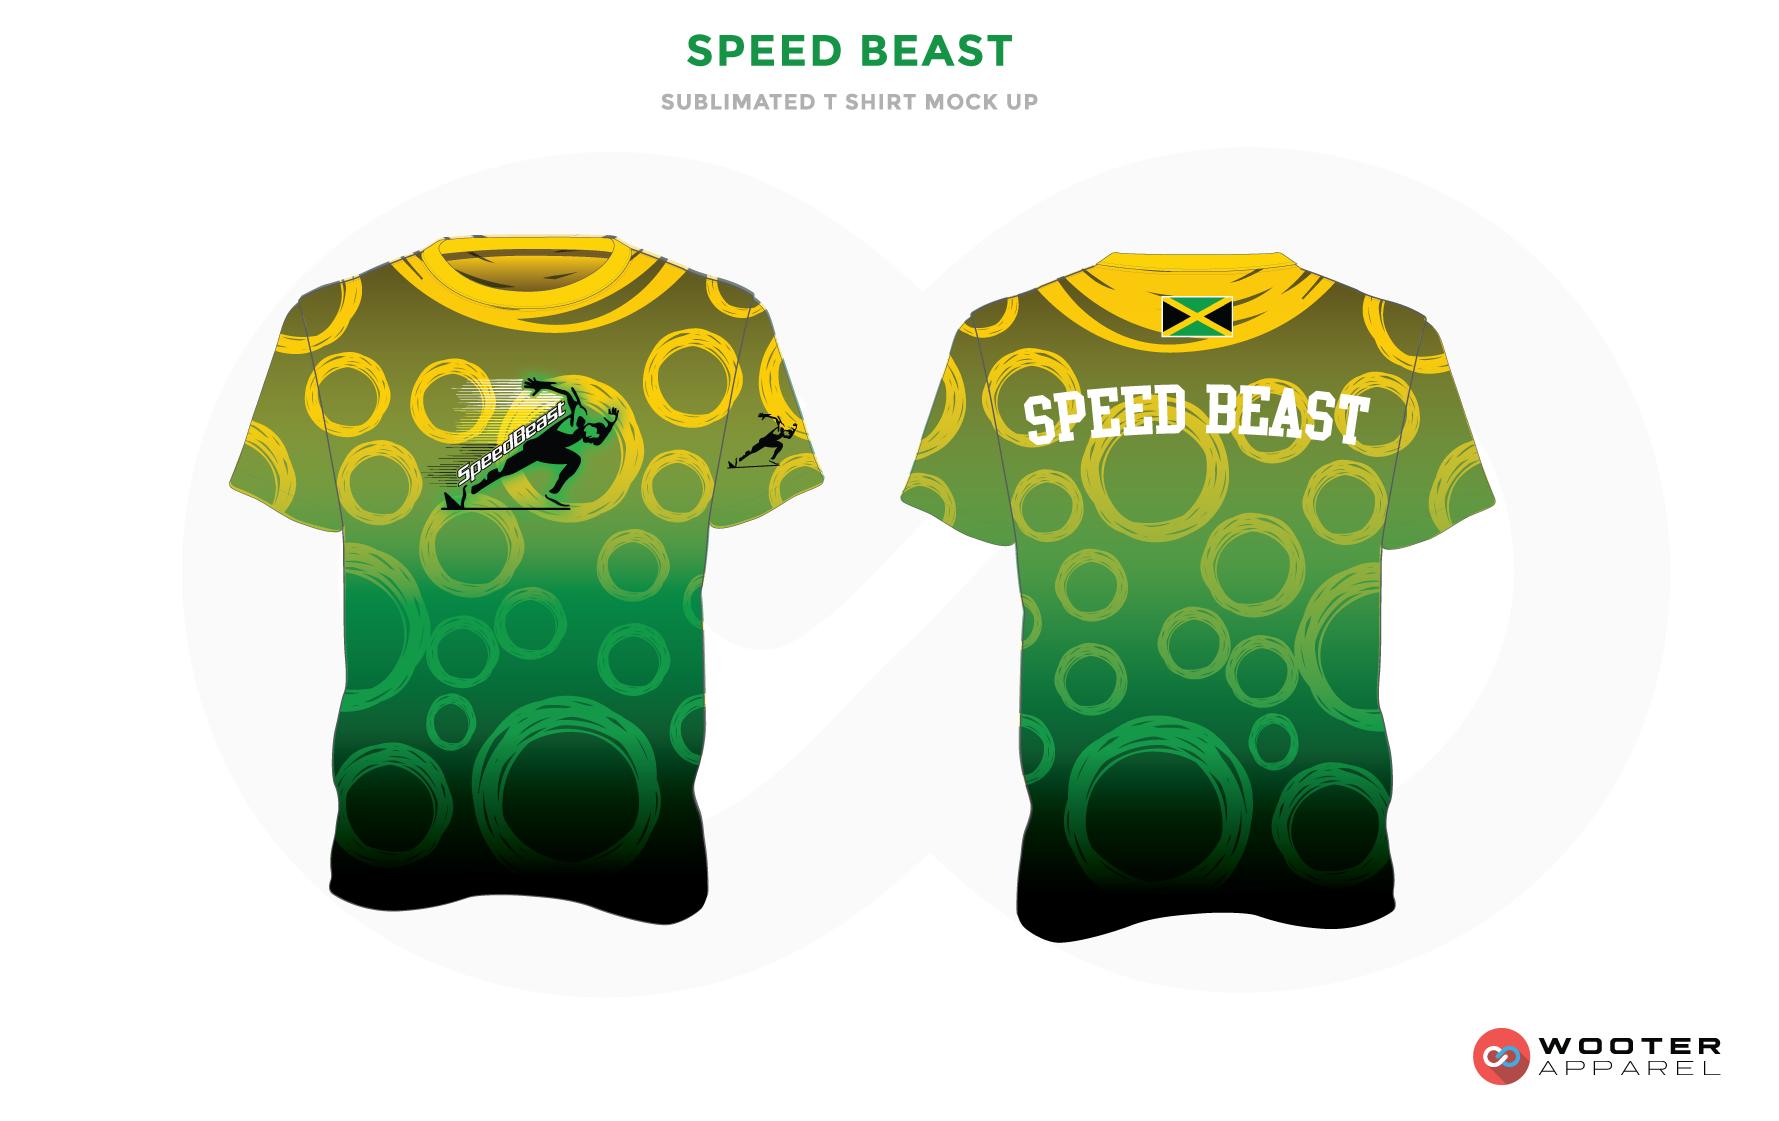 SPEED BEAST Yellow Green White and Black Premium Shooting Shirt